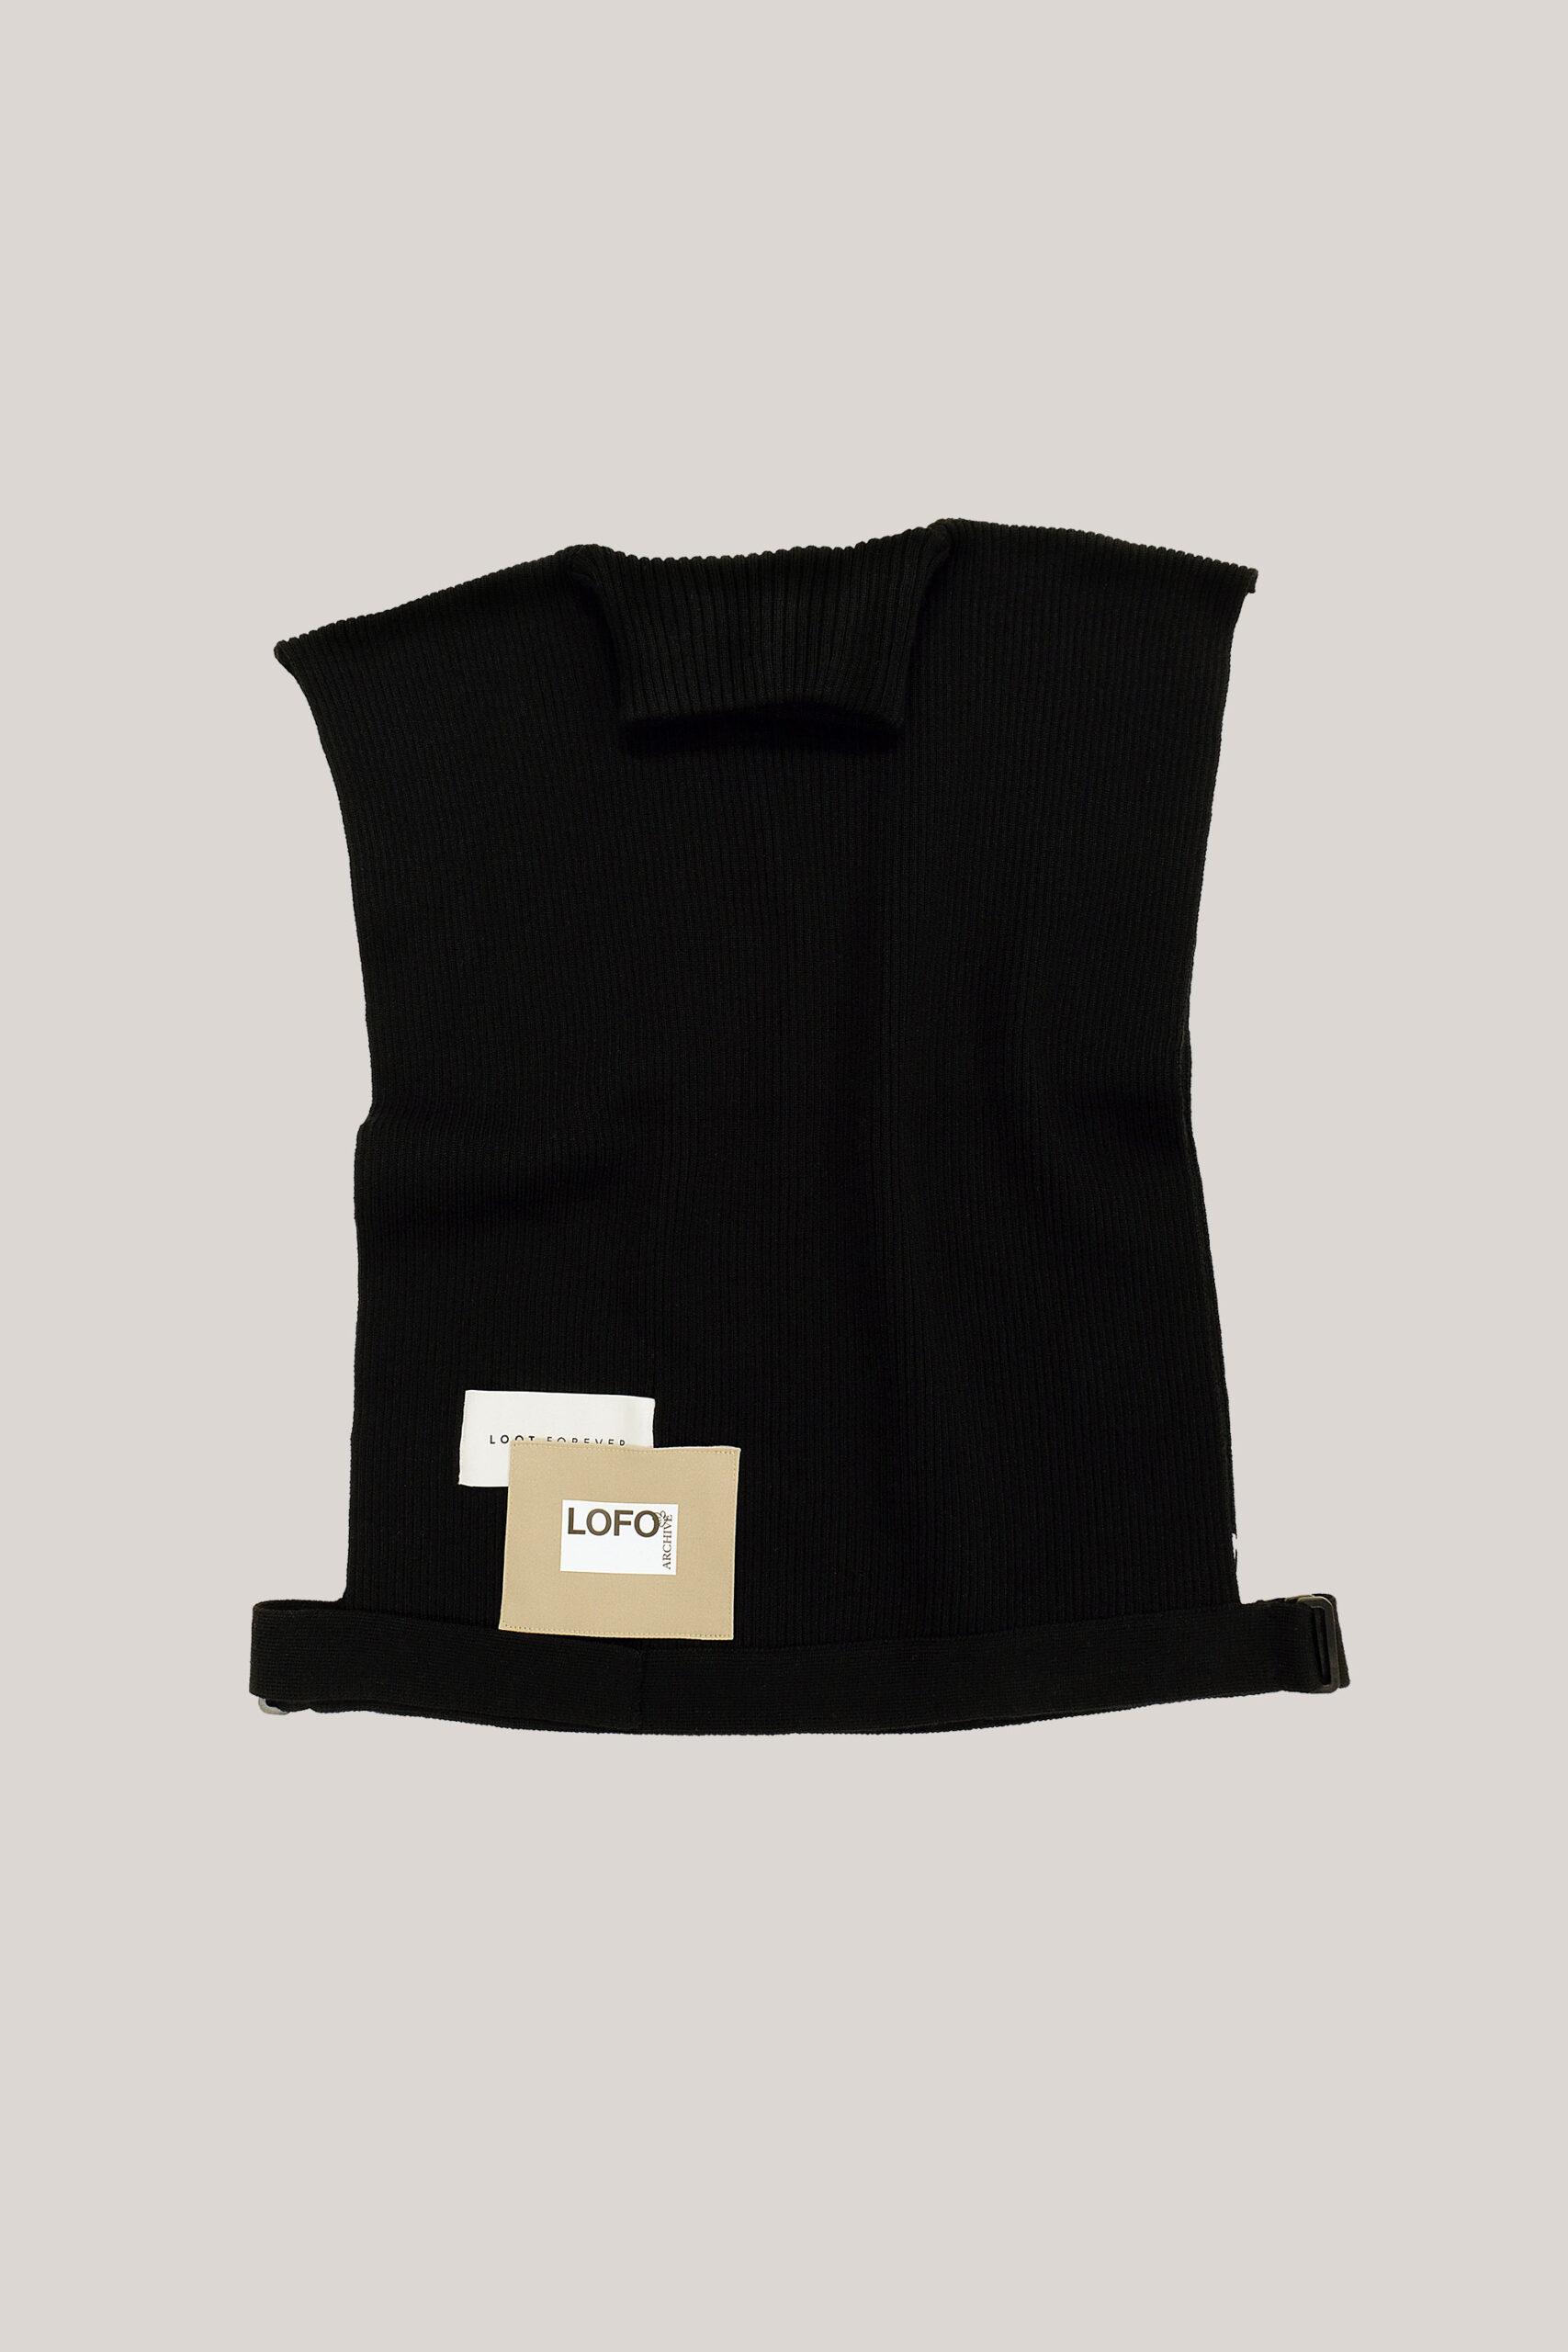 05-Blac-Vest-1